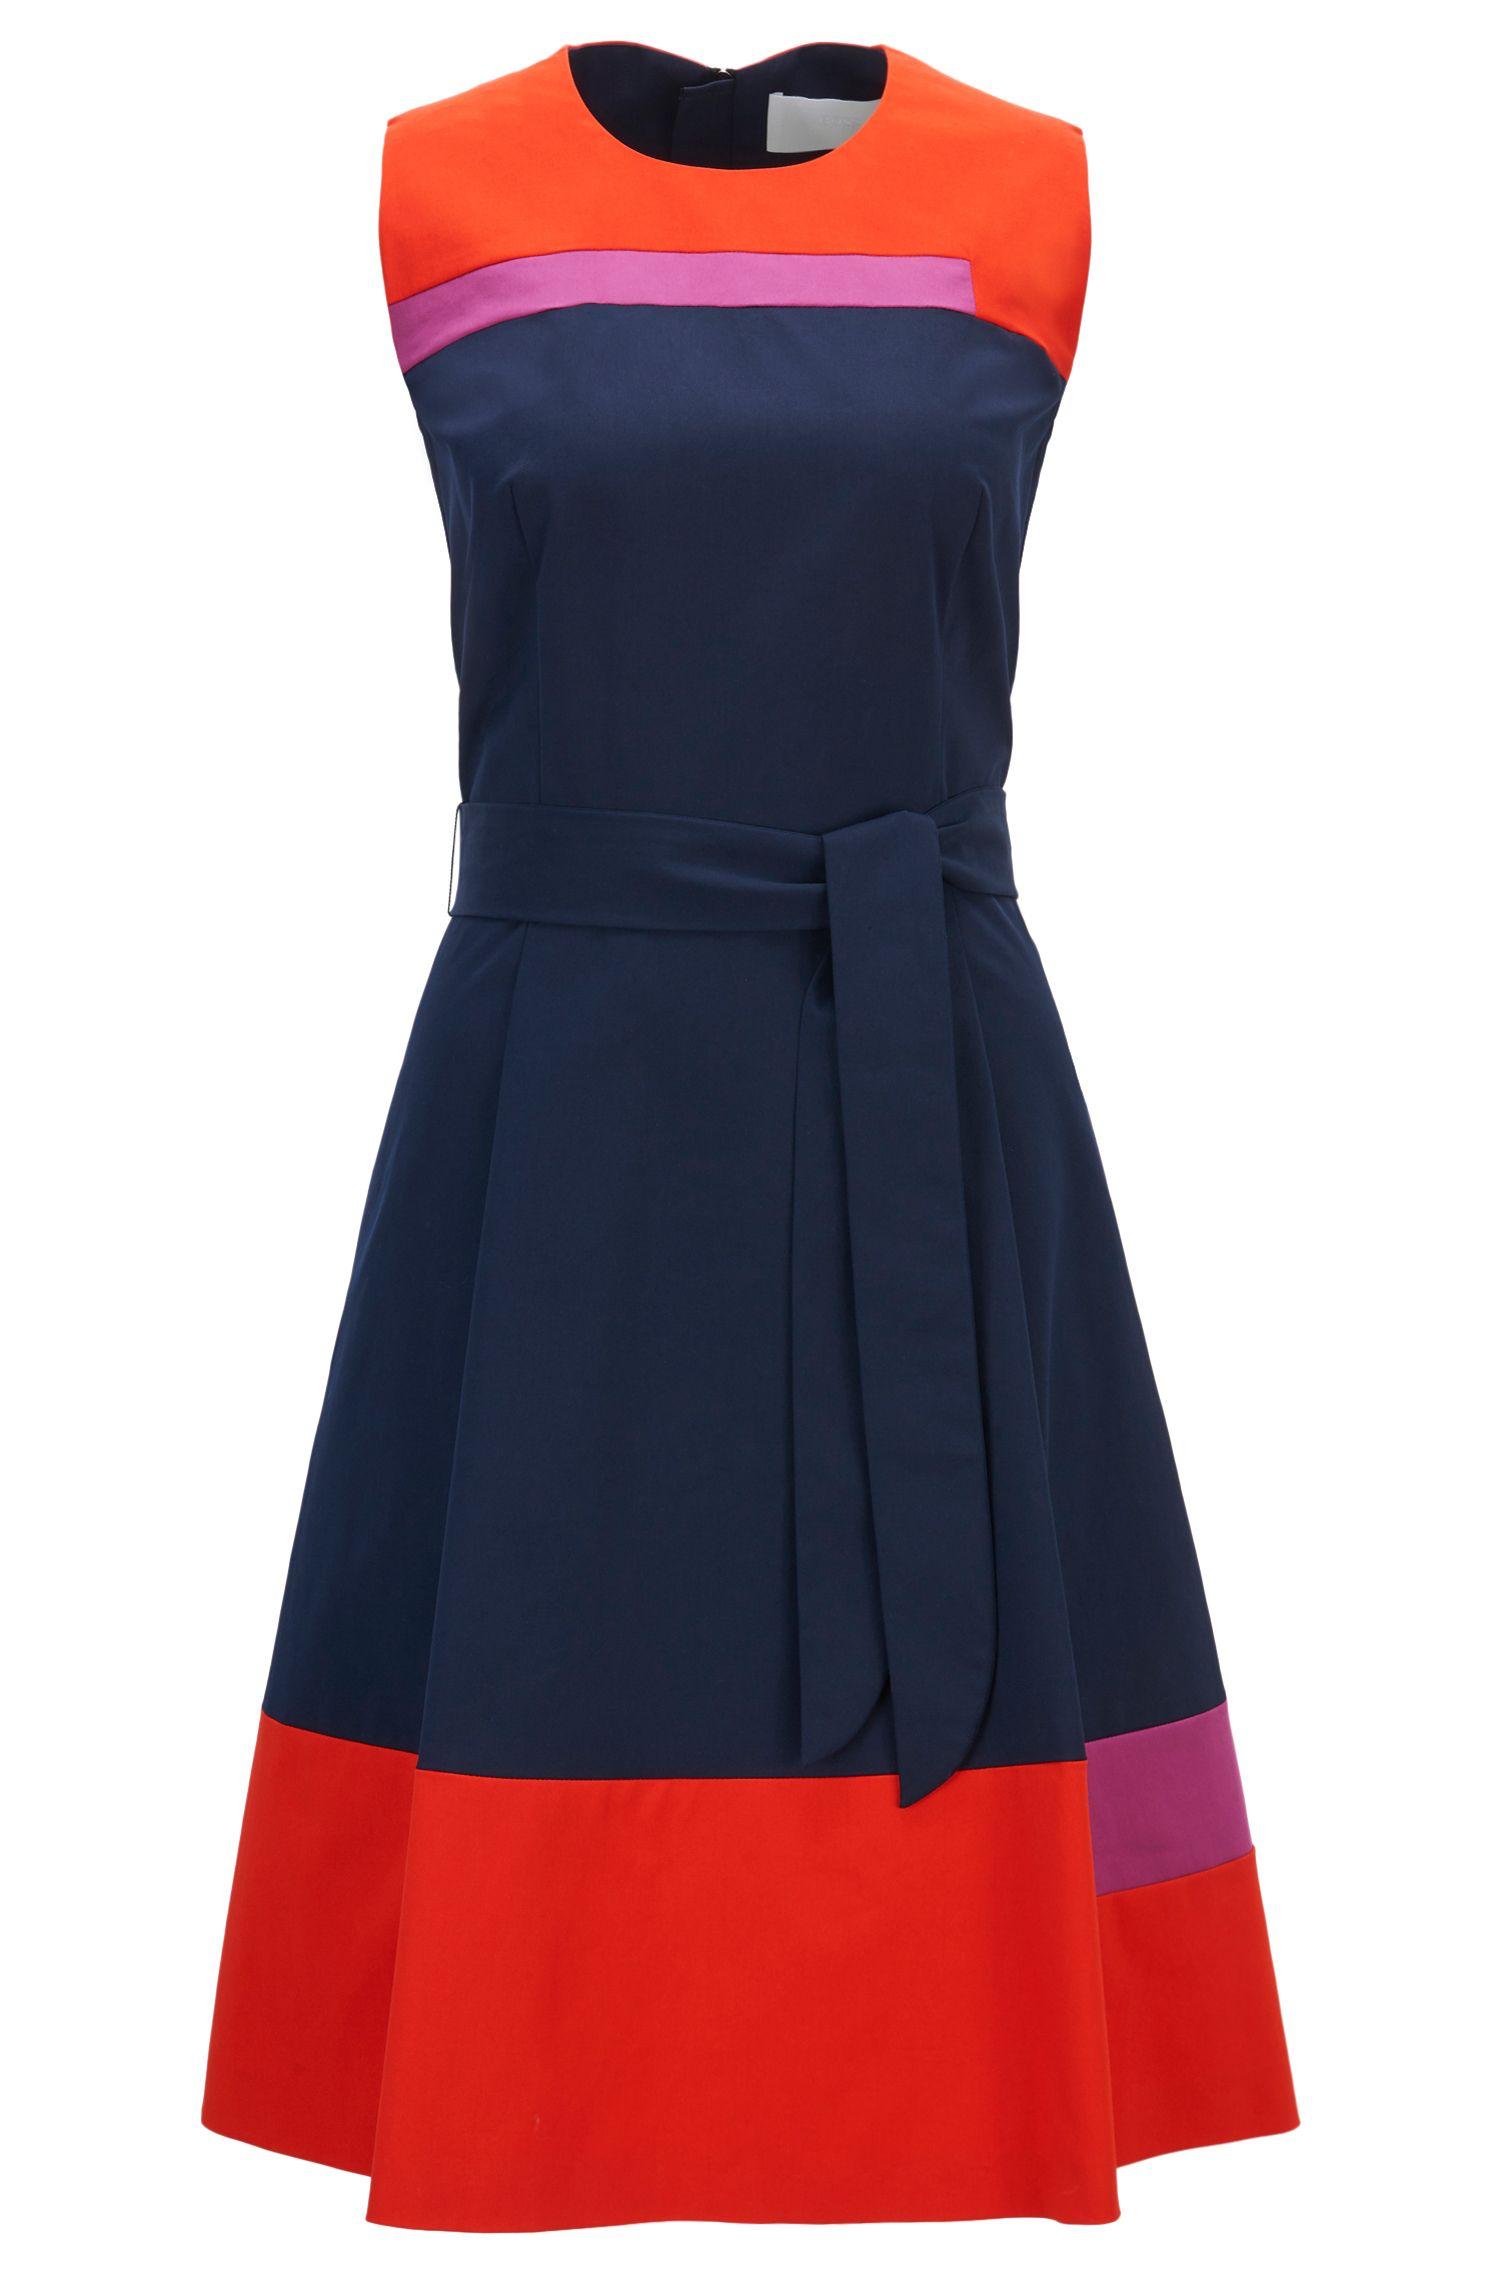 Vestido de bloques de color sin mangas en sarga de algodón elástico